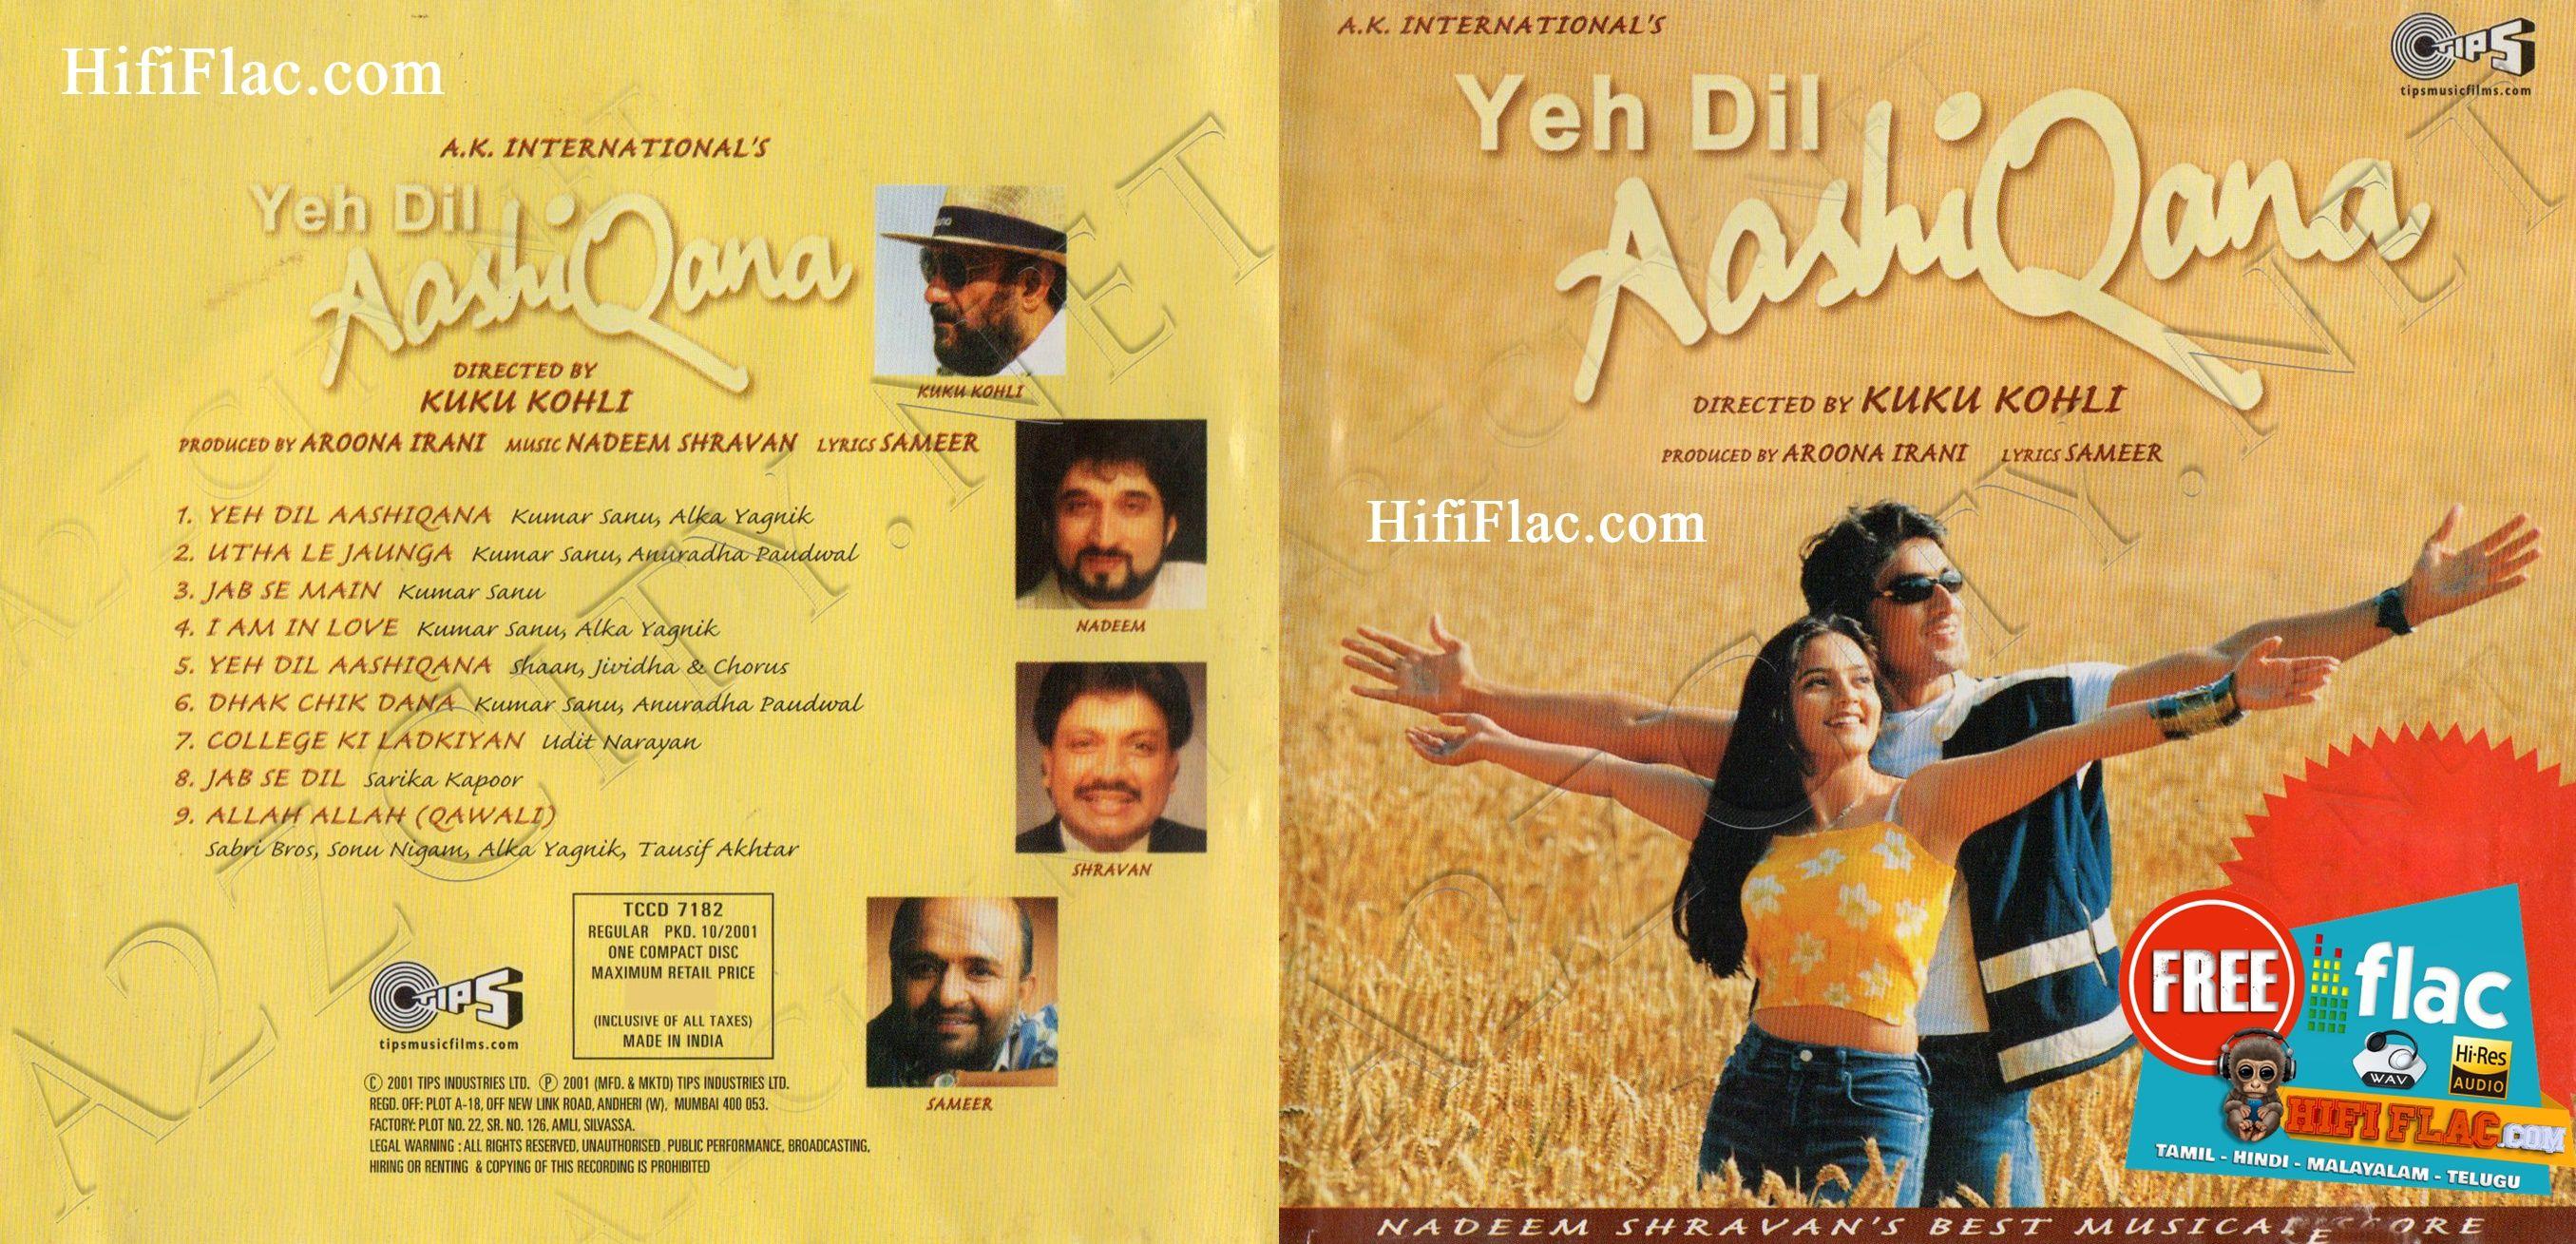 Yeh Dil Aashiqanaa 2001 Hindi Acdrip Flac